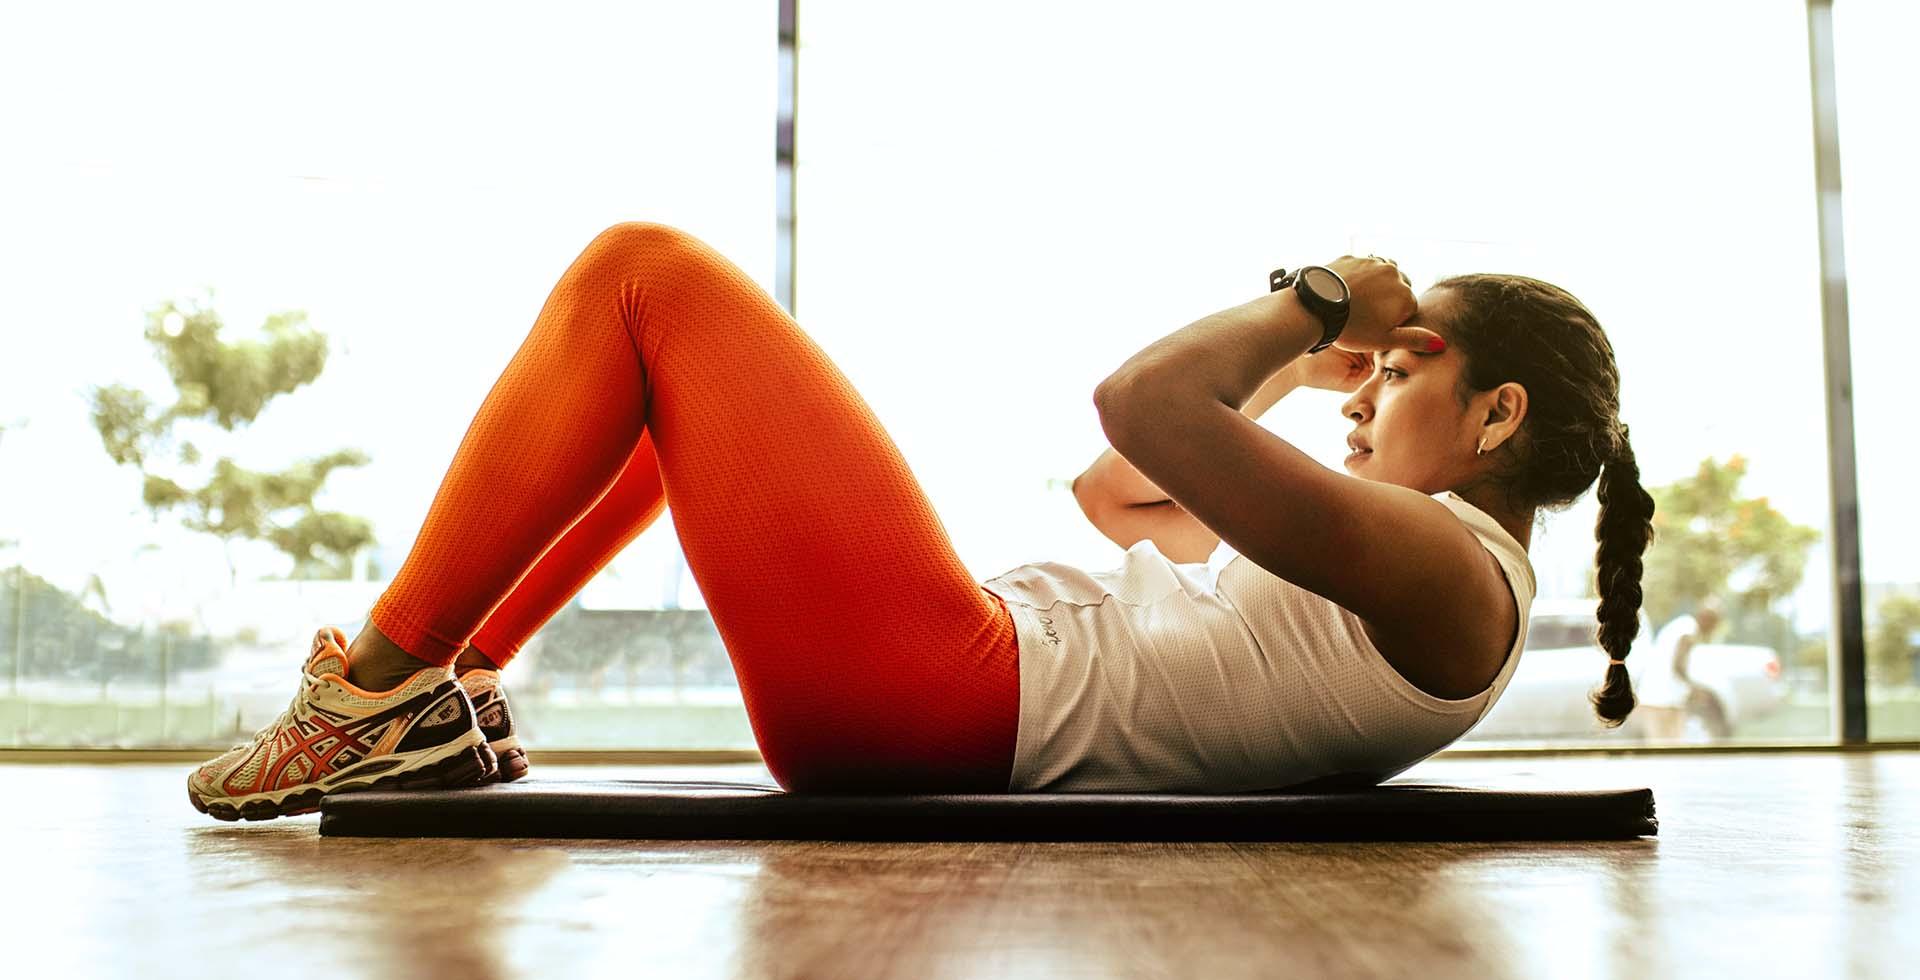 Ginnastica indoor: gli esercizi per allenarsi a casa sfruttando sedie, tavoli e manici di scopa